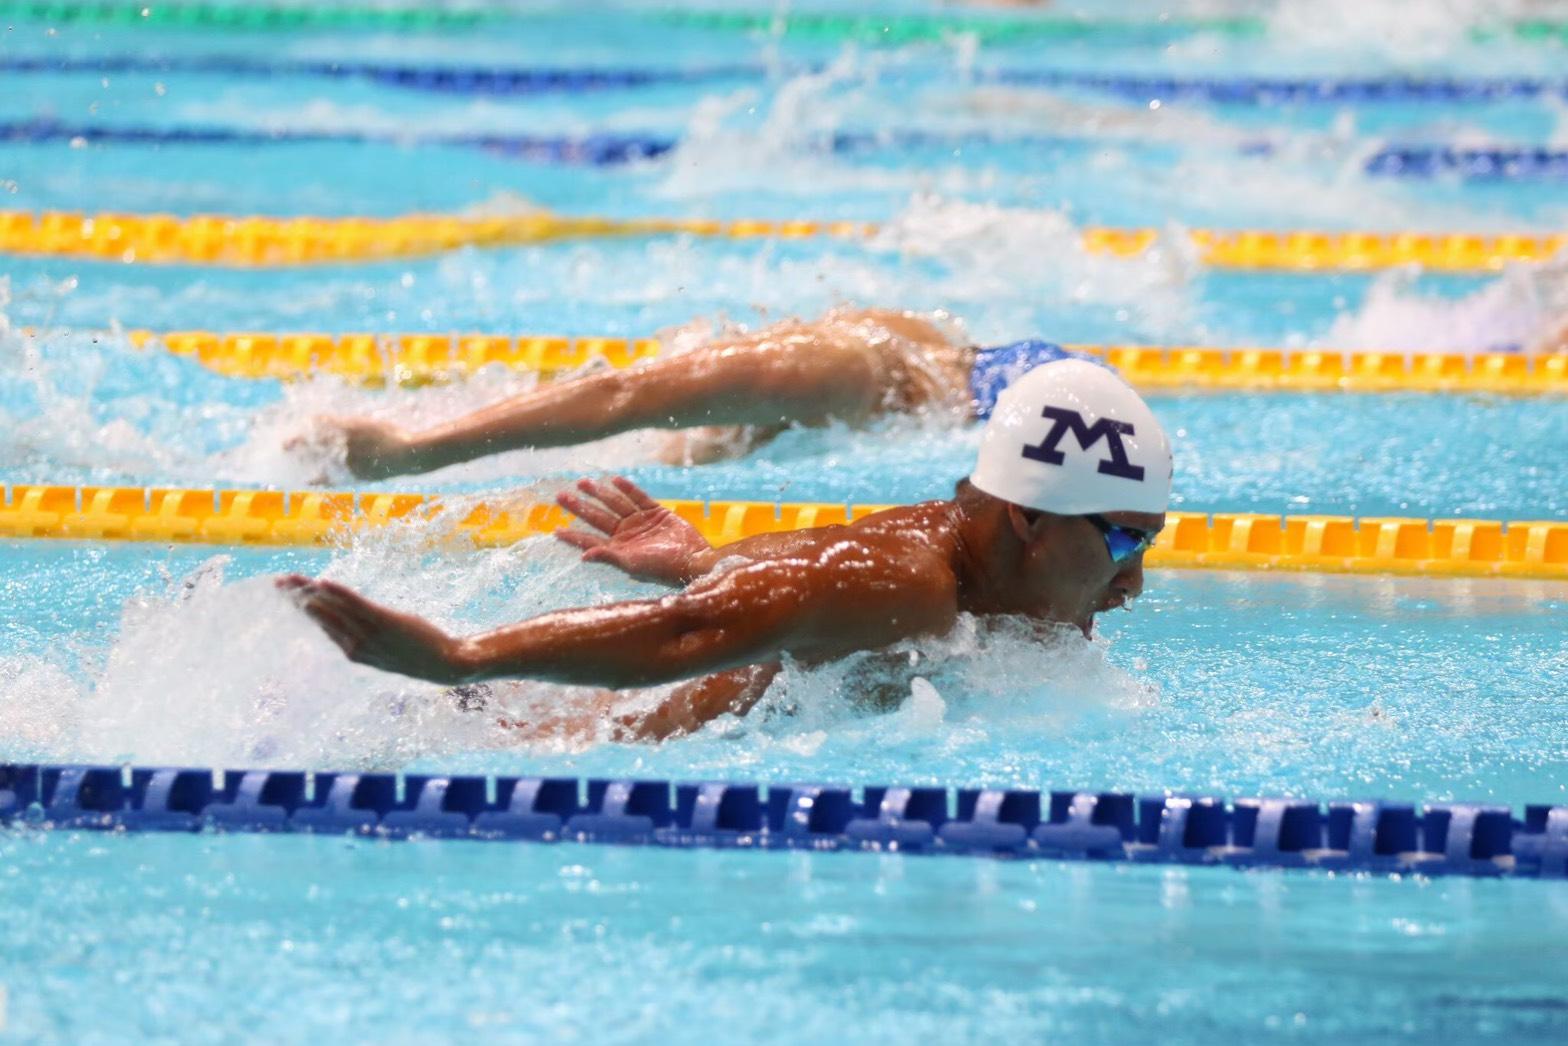 【アスリートフードサポート制度活動報告】明治大学体育会水泳部  苦難を乗り越え挑むインカレ2020 目指せ日本一!